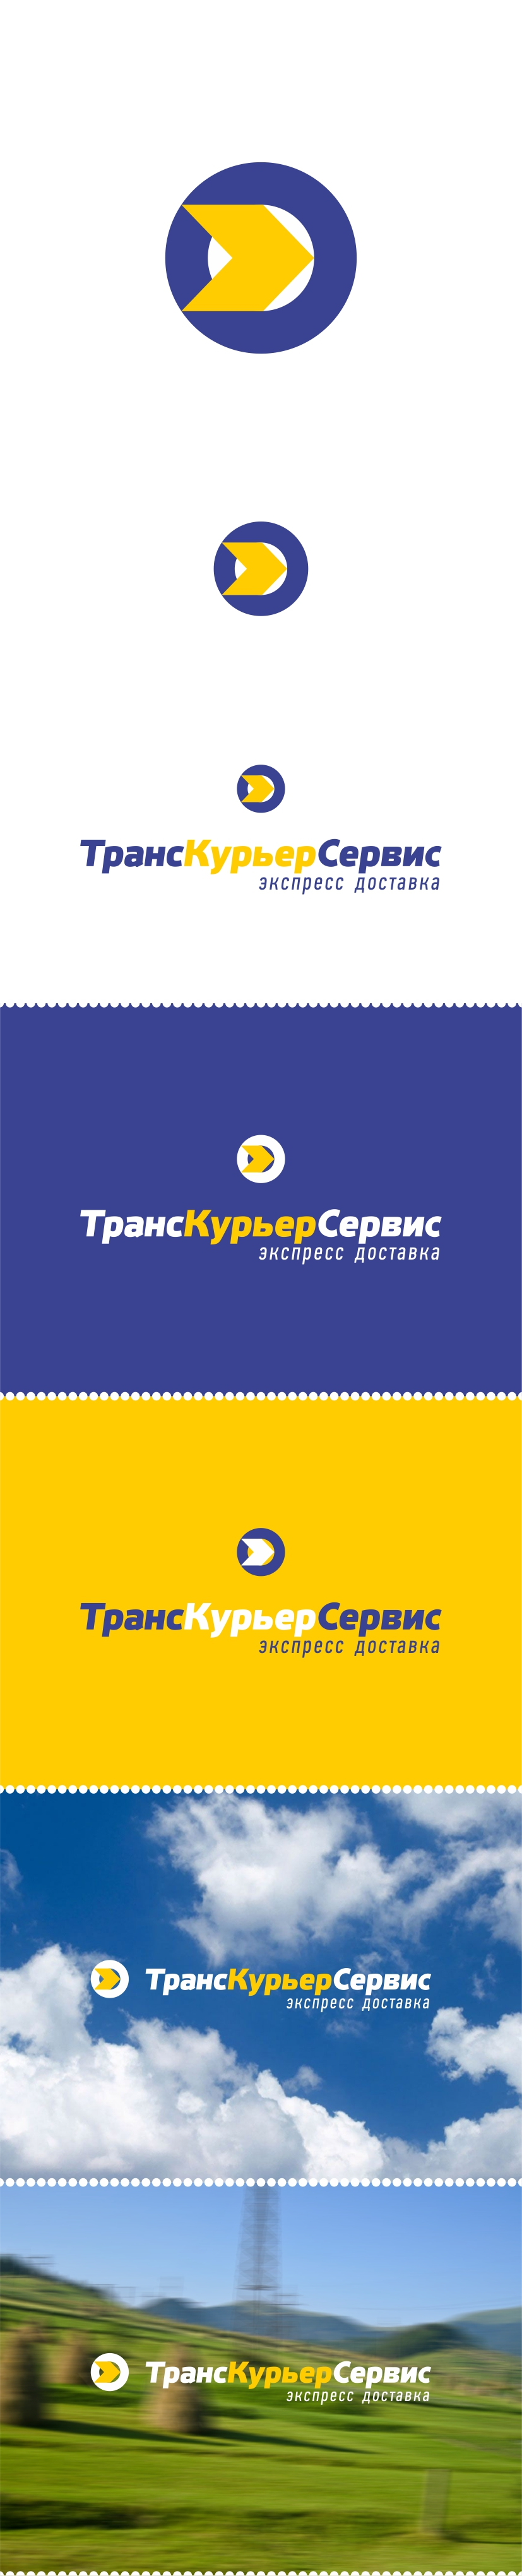 Разработка логотипа и фирменного стиля фото f_09750b52e2a5c9a6.jpg